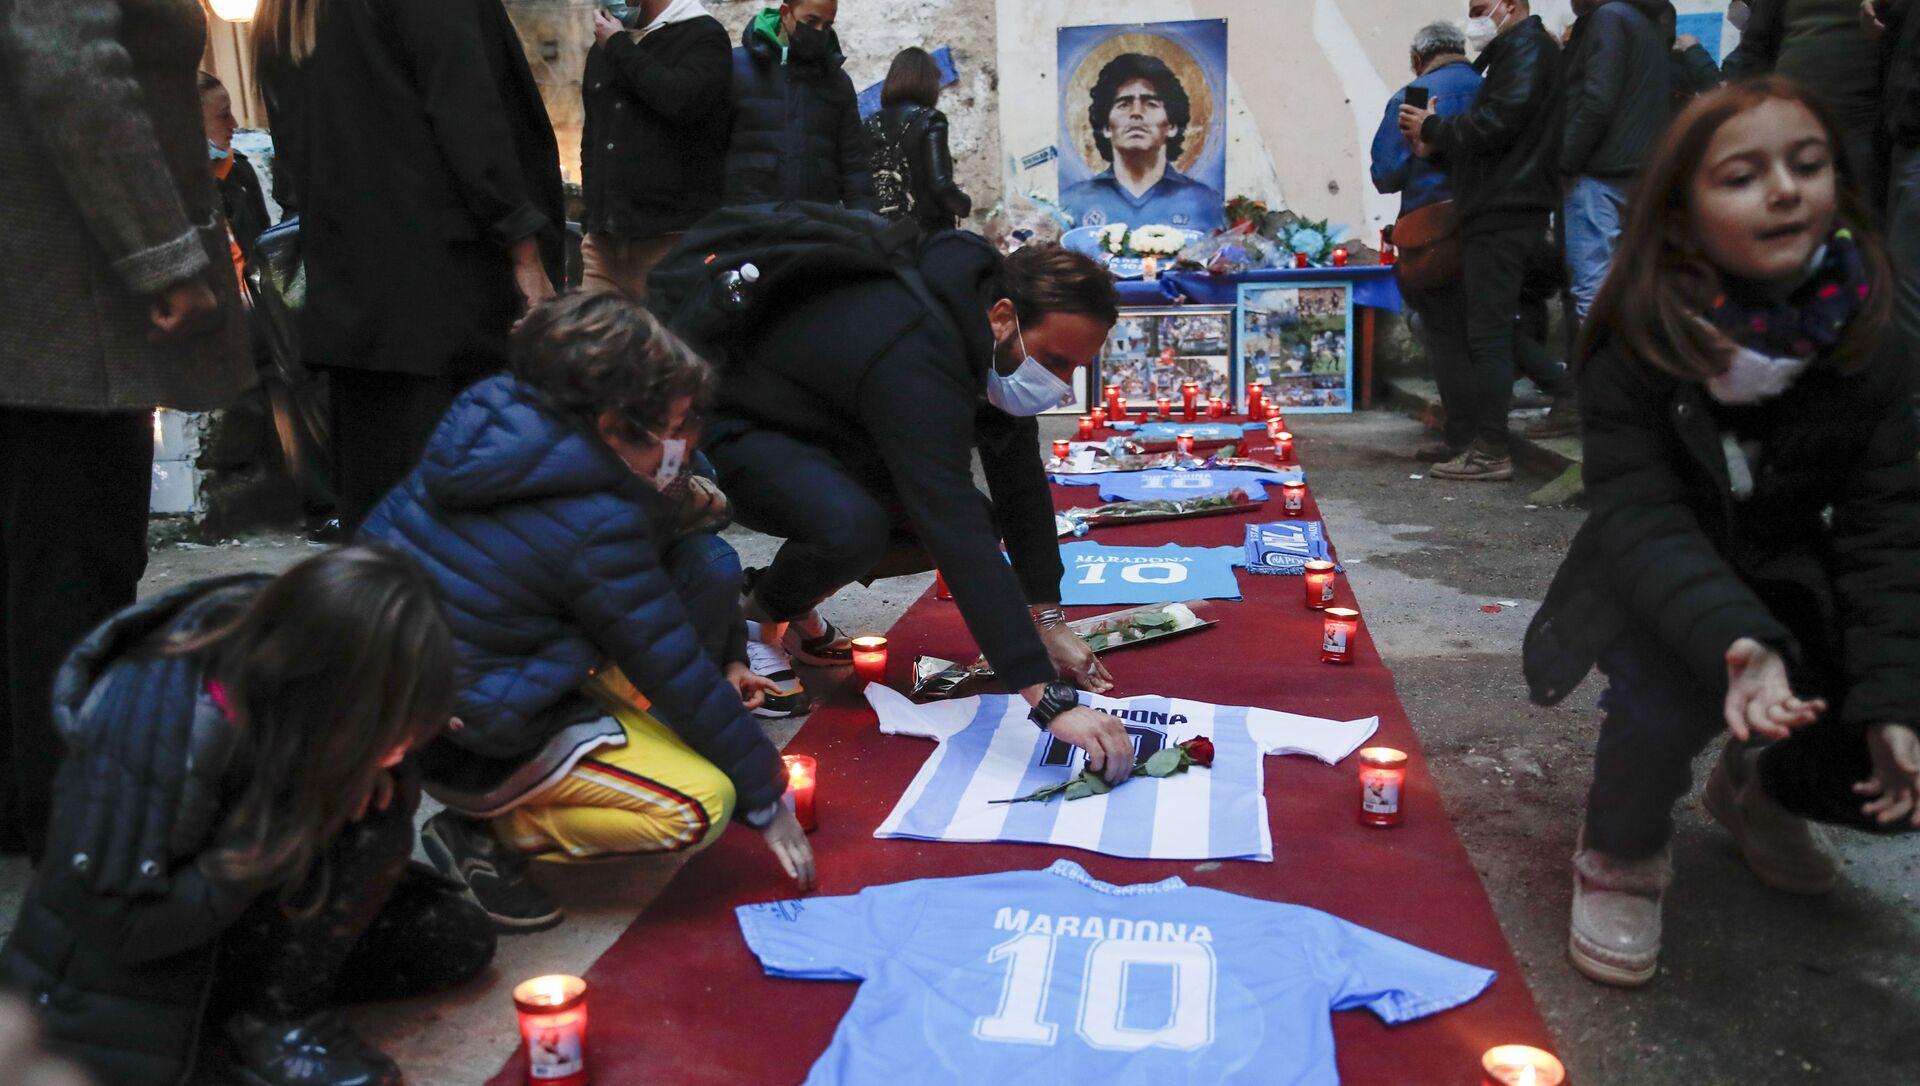 Le persone accendono le candele per onorare la memoria di Diego Maradona in Quartieri Spagnoli di Napoli - Sputnik Italia, 1920, 20.04.2021